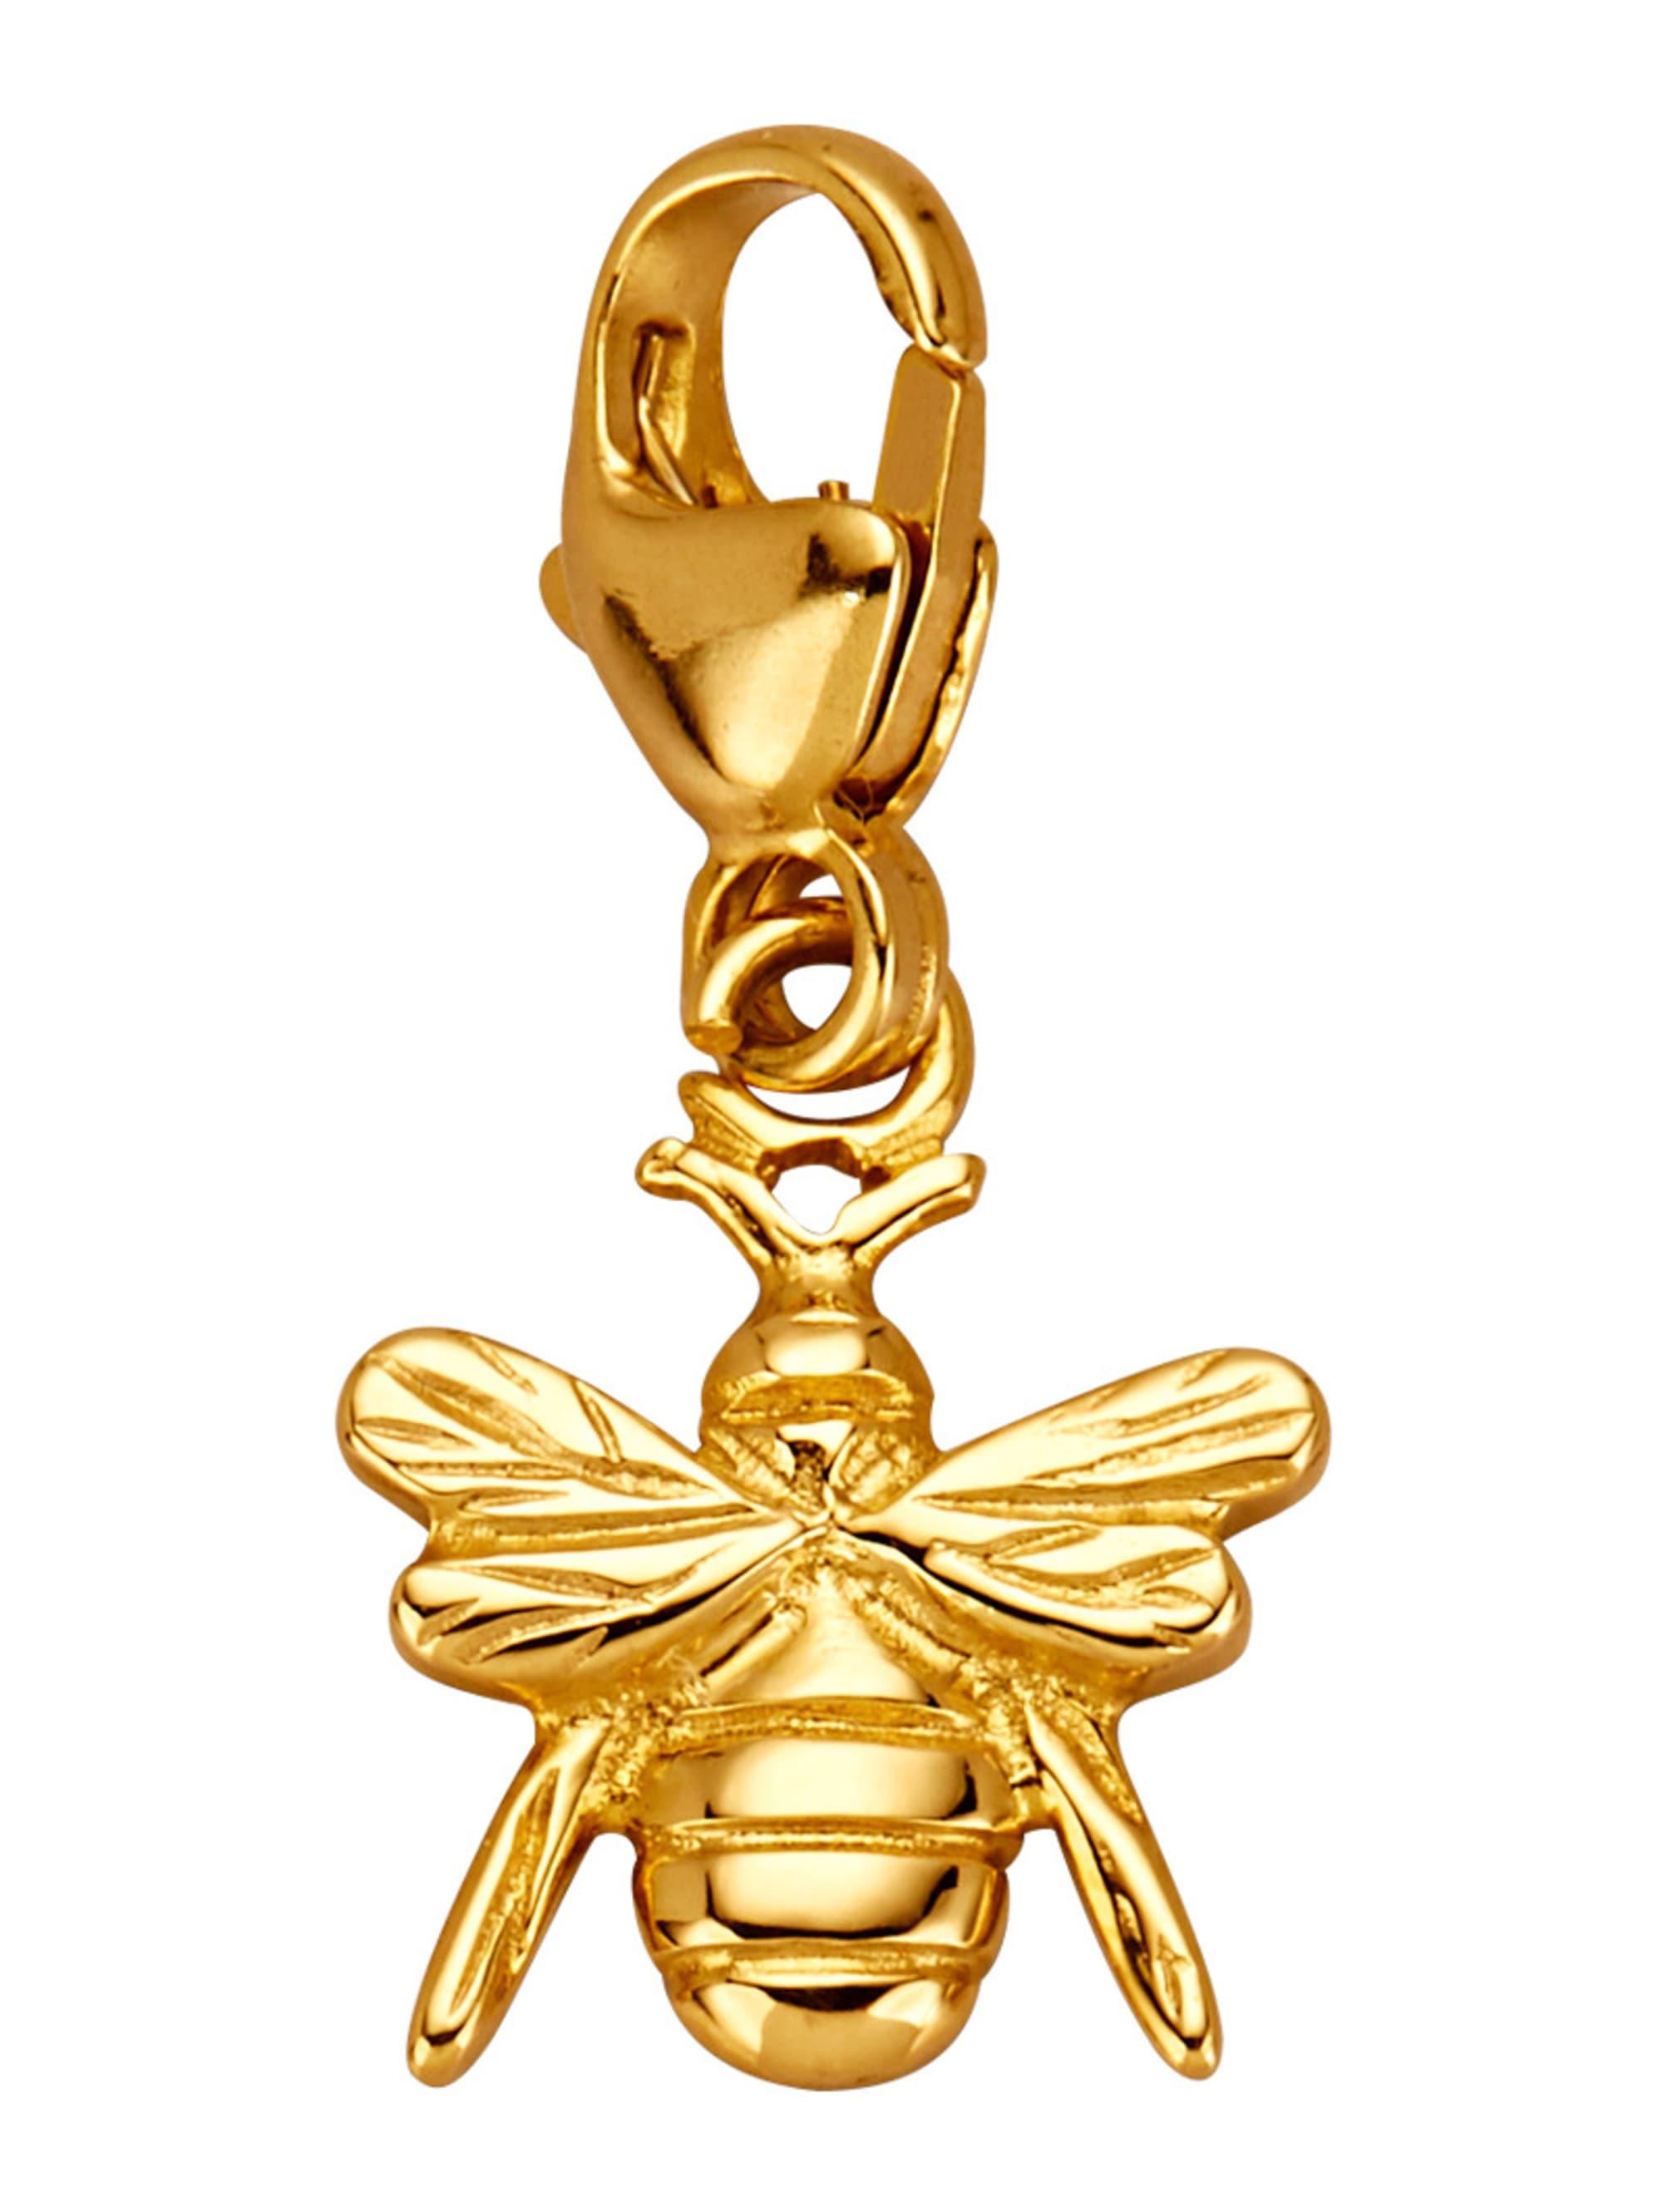 Bienen-Einhänger in Gelbgold Q5Mvg